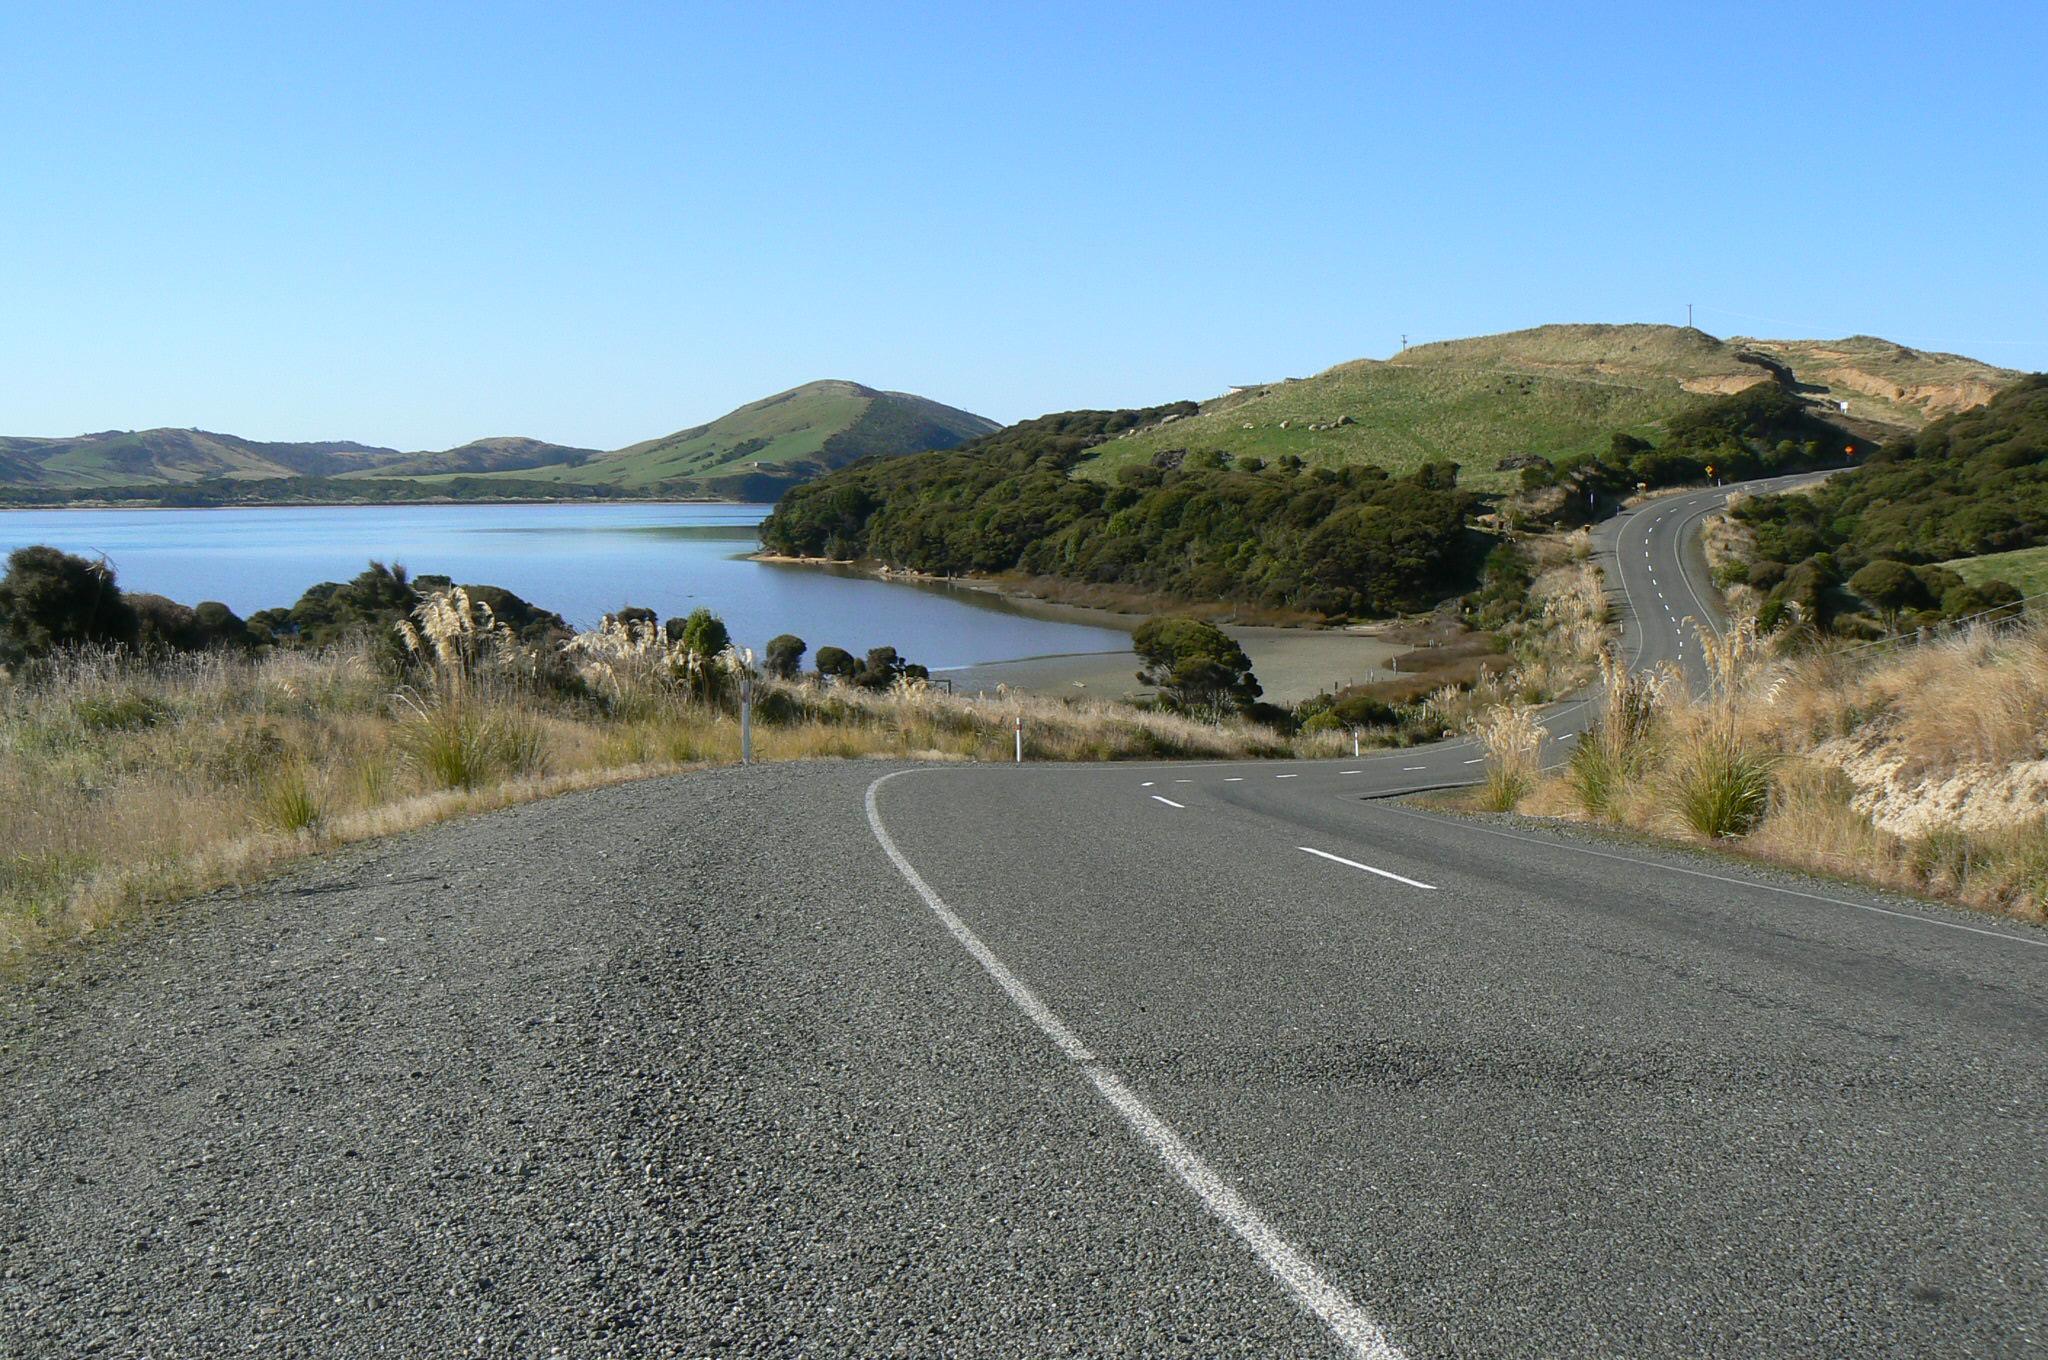 Strath Taieri, New Zealand